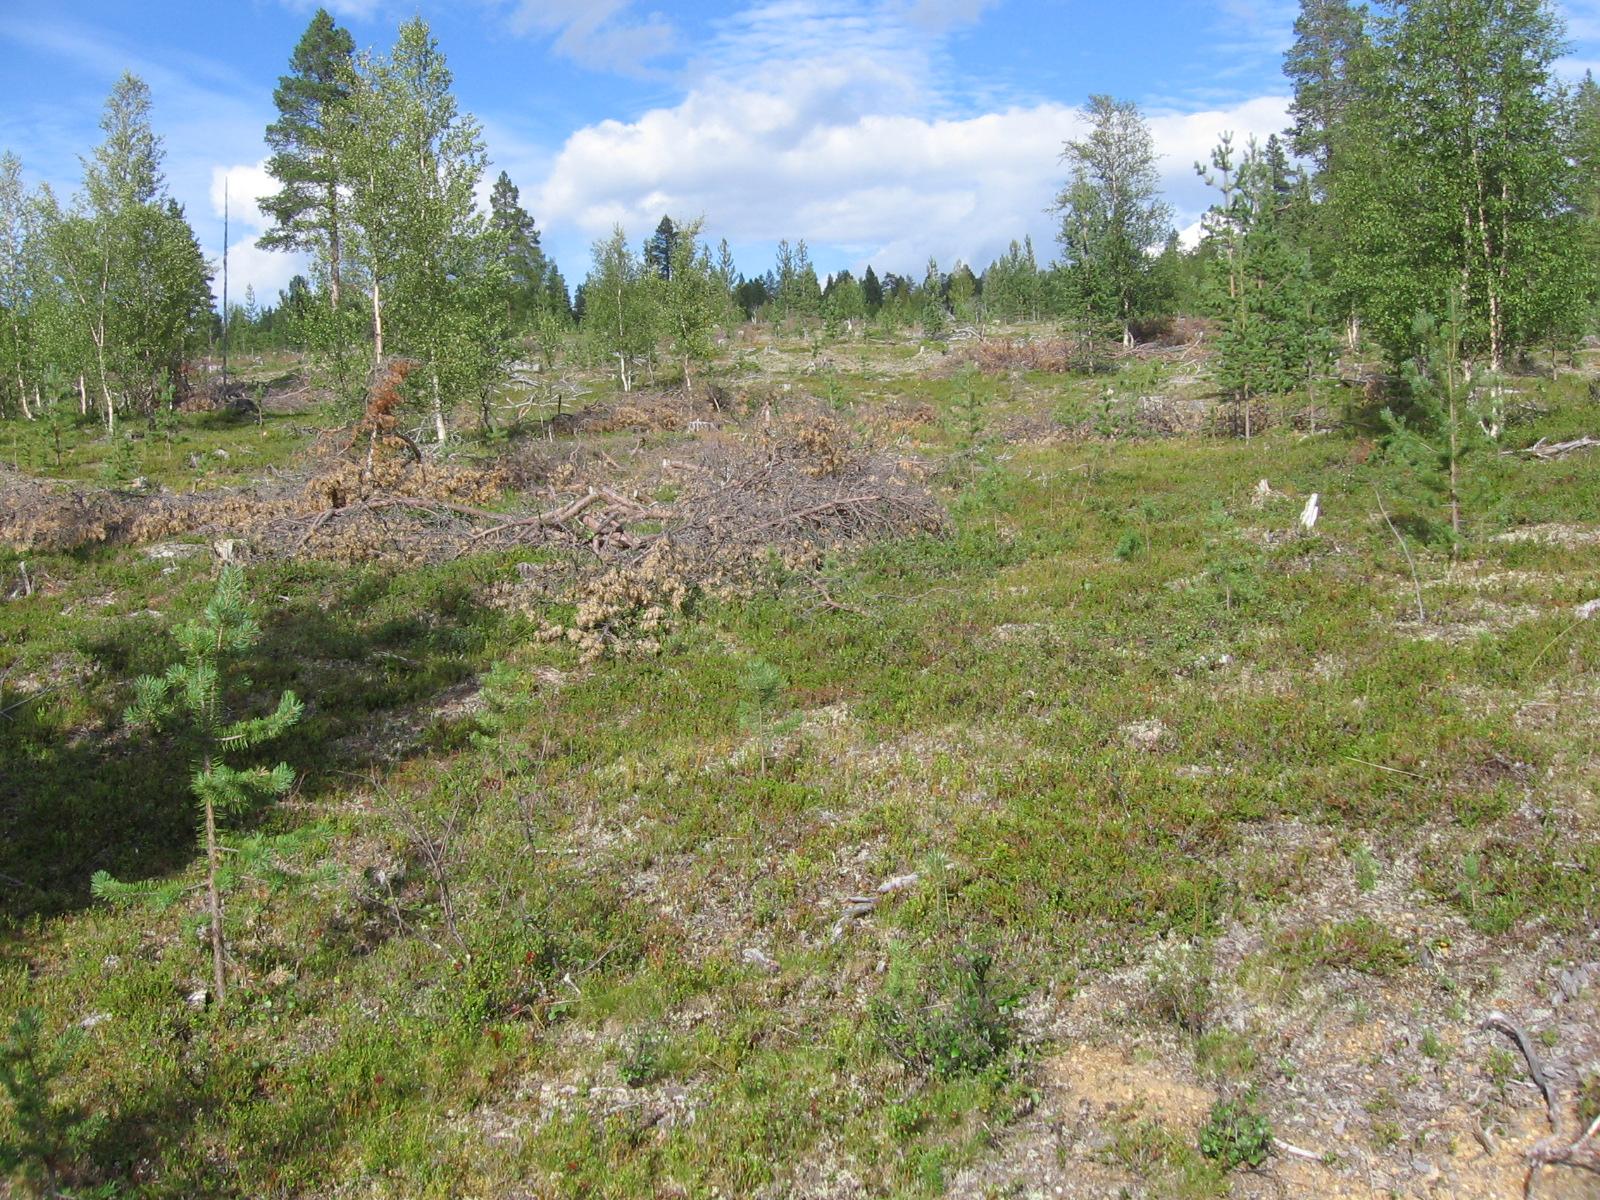 Matkalla kohti Sompion kämppää 4.8.2010